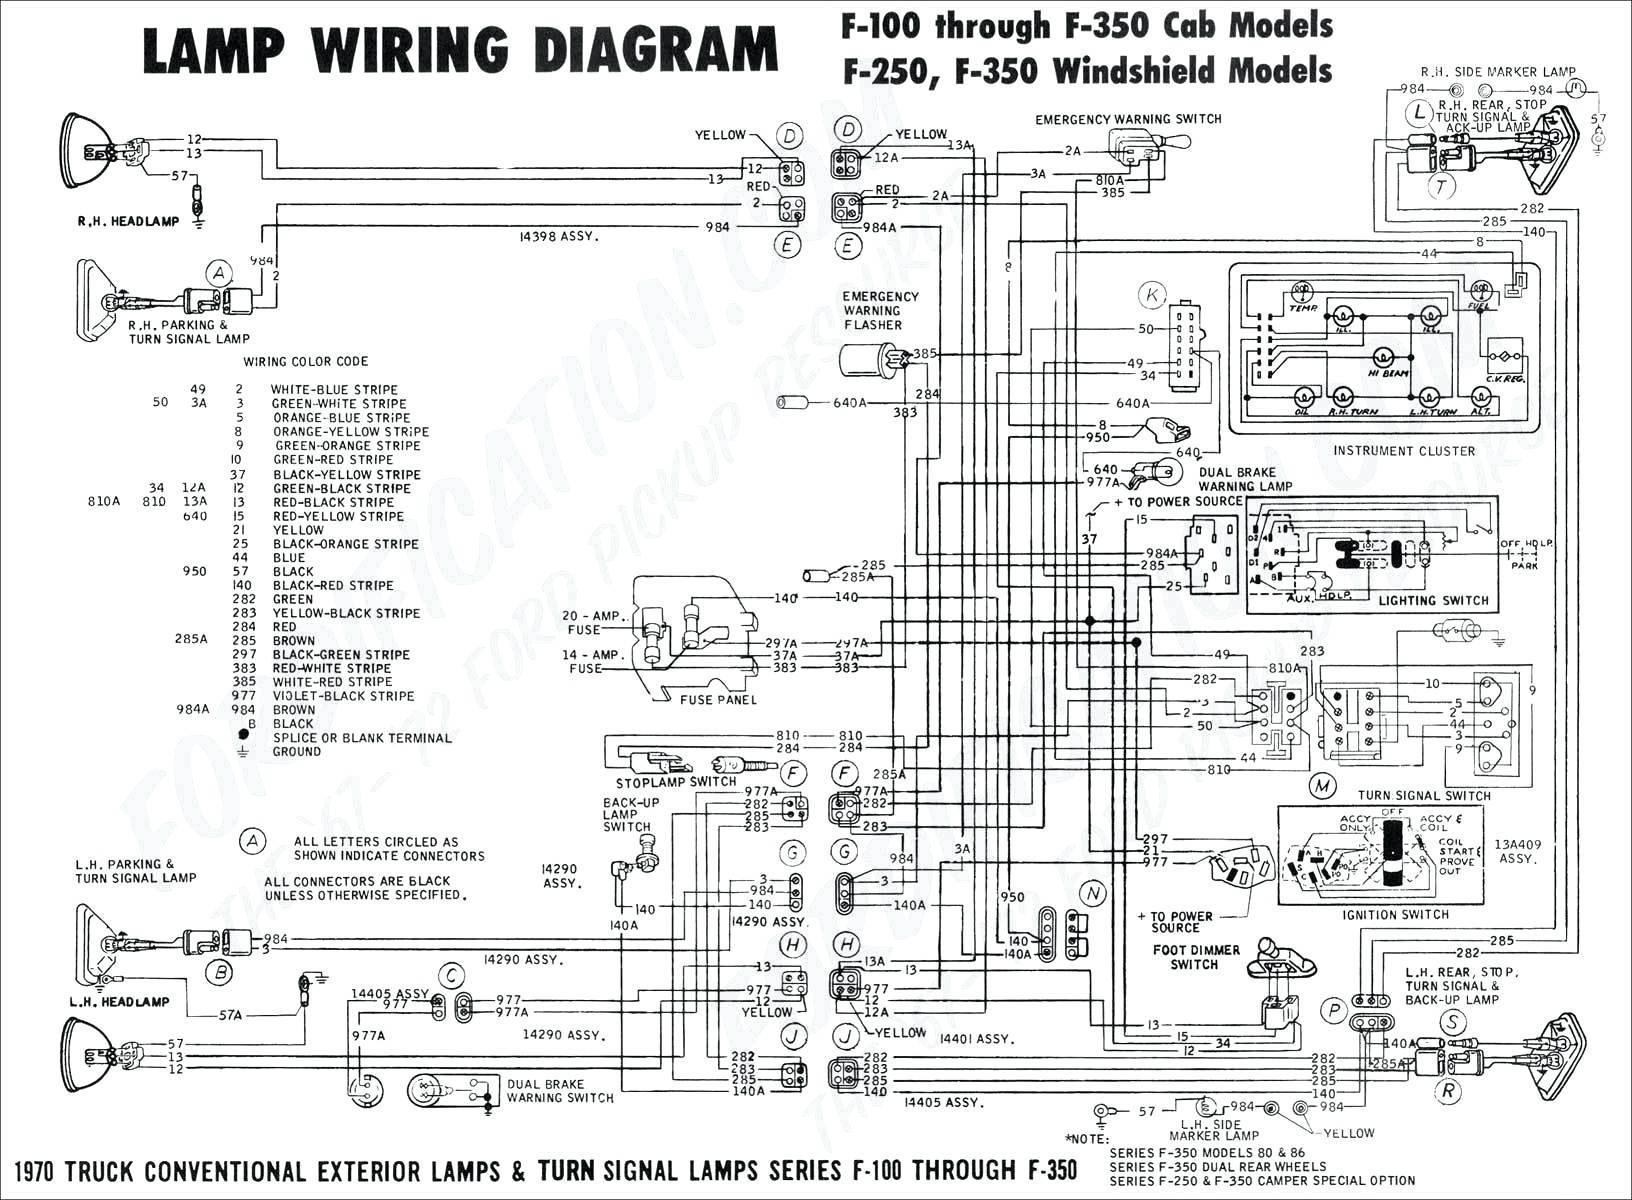 wiring diagram de mini cooper 2004